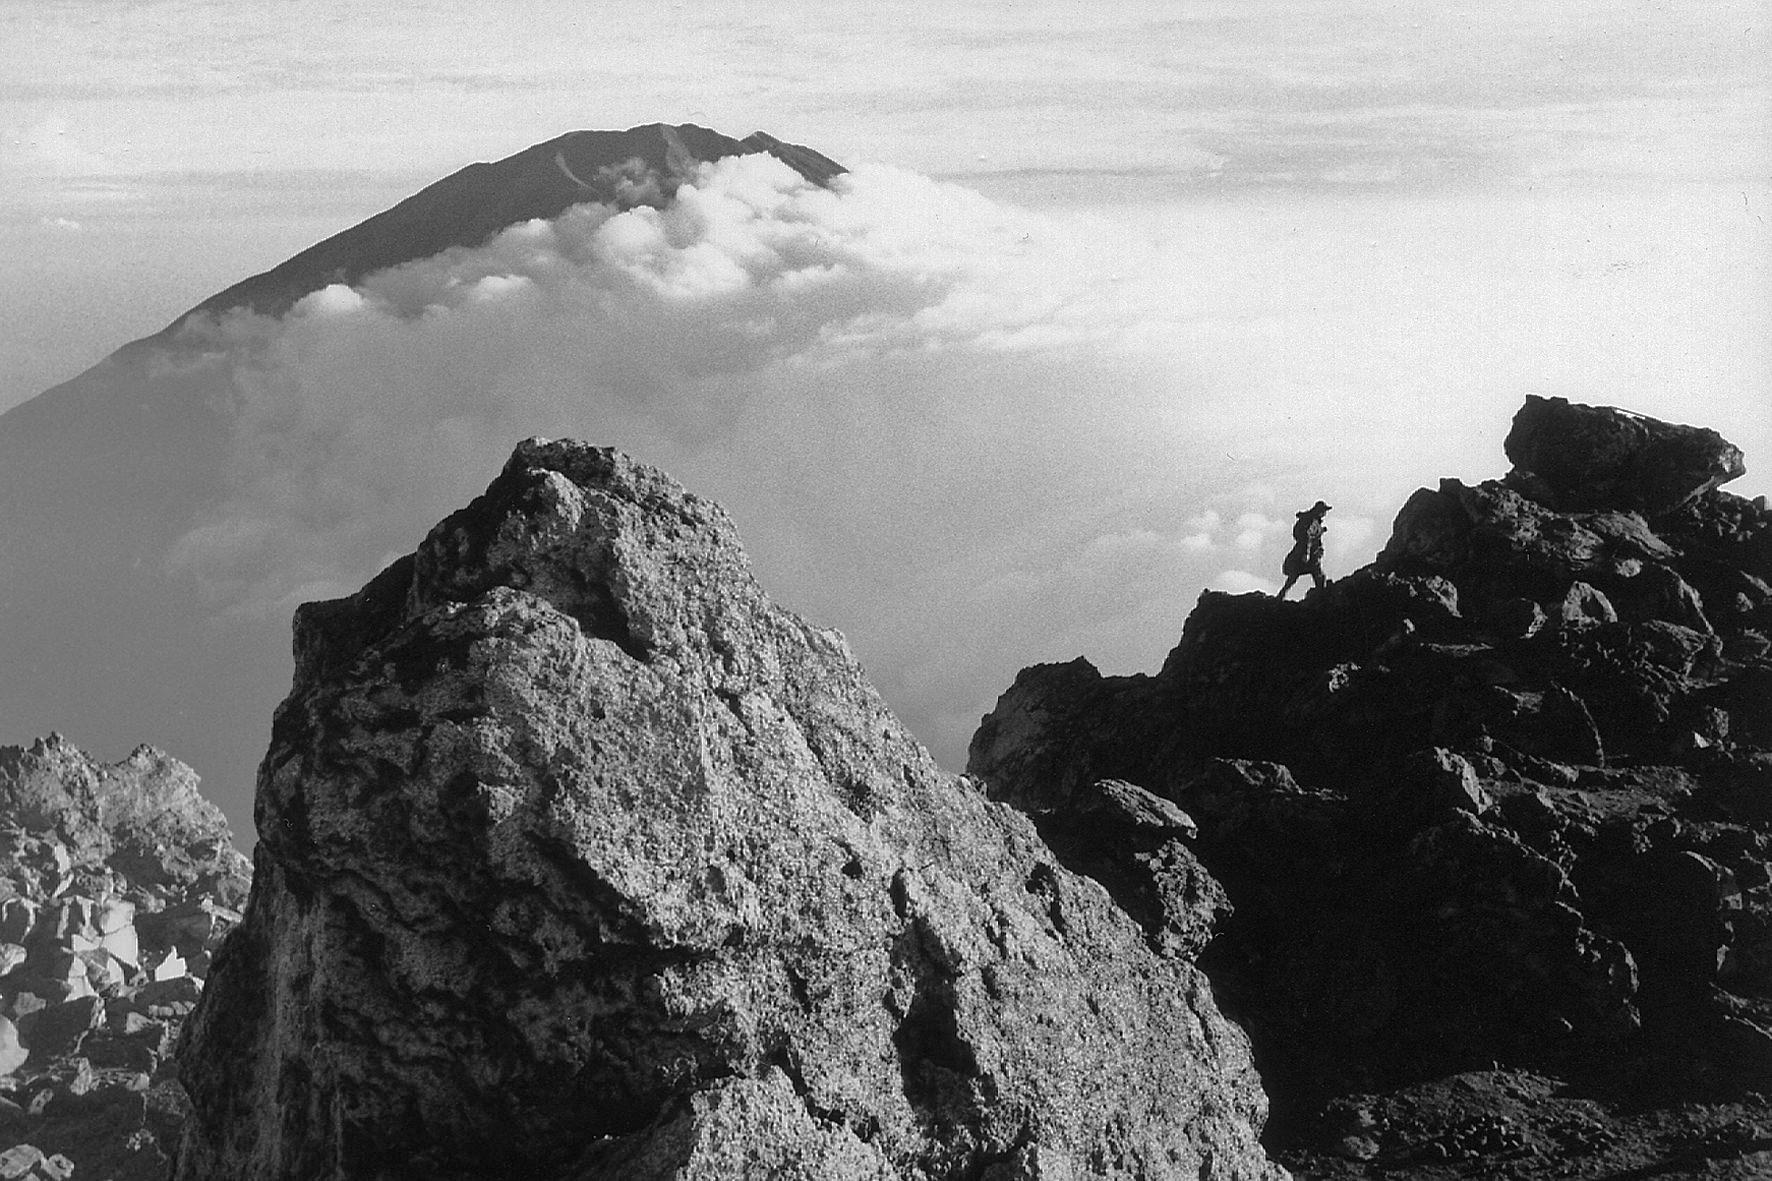 Quand tu arrives en haut de la montagne, continue de grimper. proverbe Tibétain